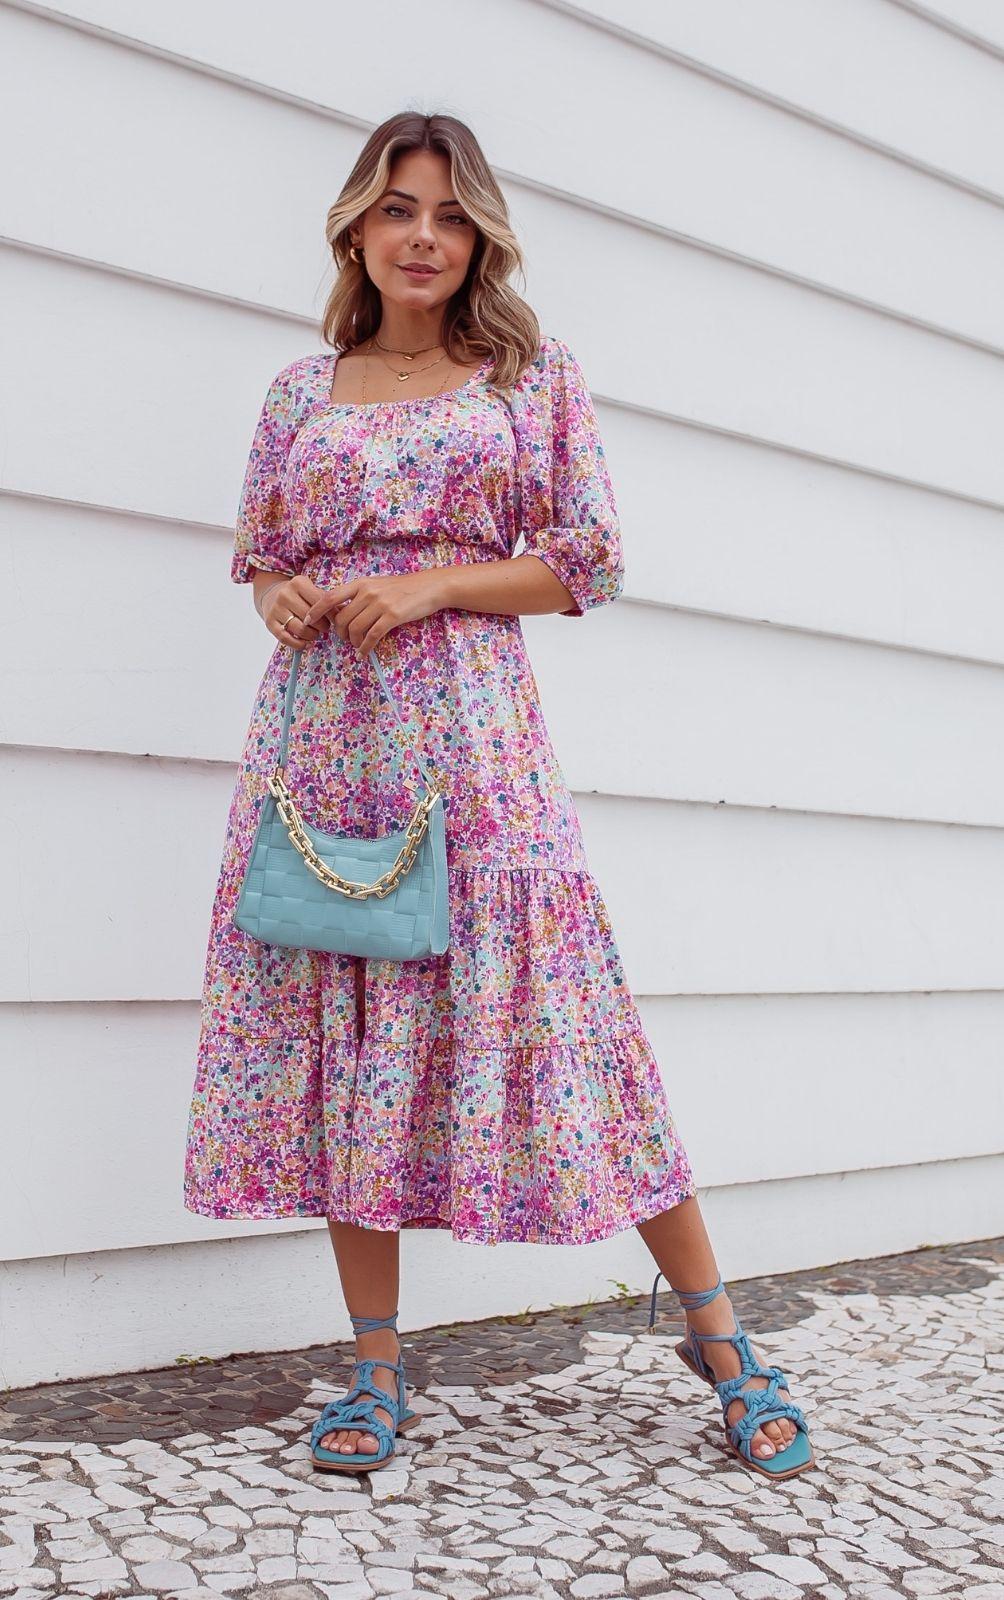 Vestido Princesa Midi Estampado Floral Colorido Candy